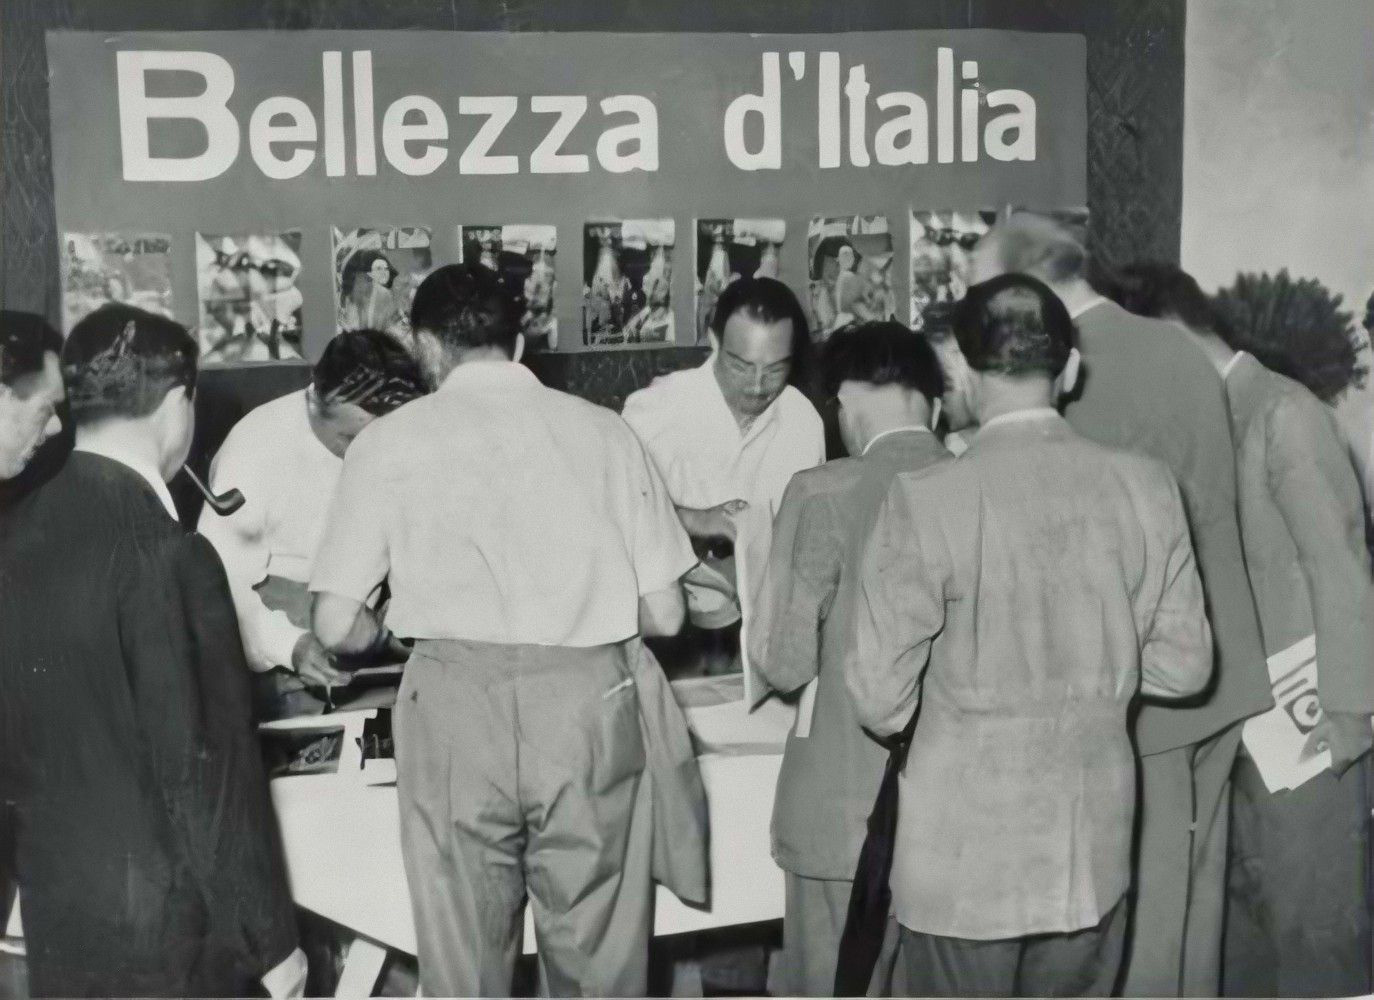 Bellezza d'Italia, Giornate mediche internazionali, Verona, 1950